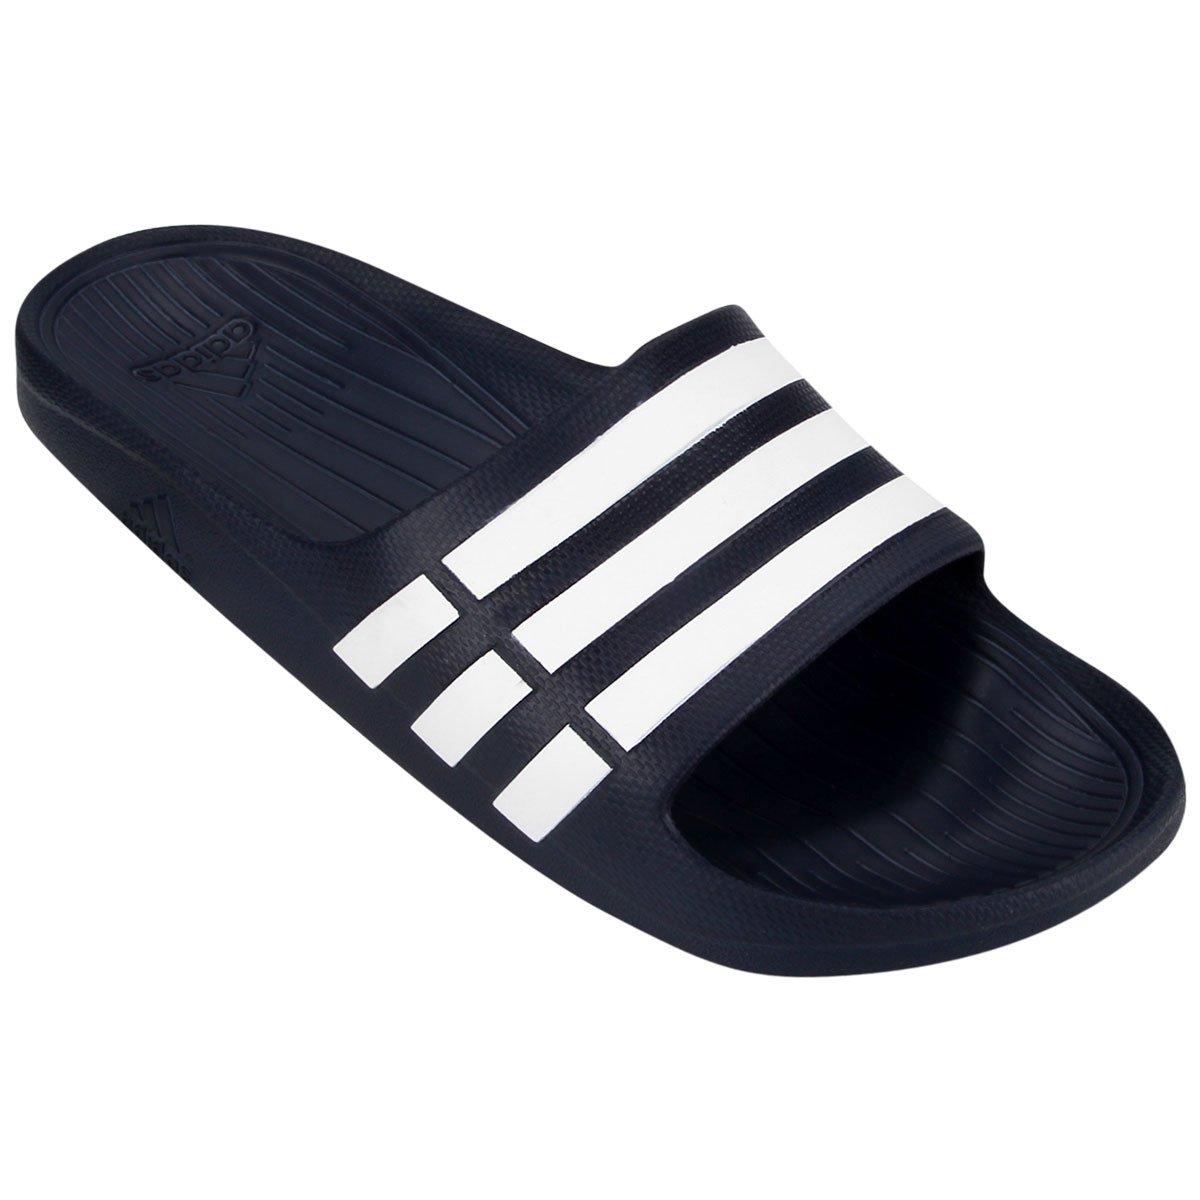 944e97ac6b3 Chinelo Slide Adidas Duramo - Marinho e Branco - Compre Agora